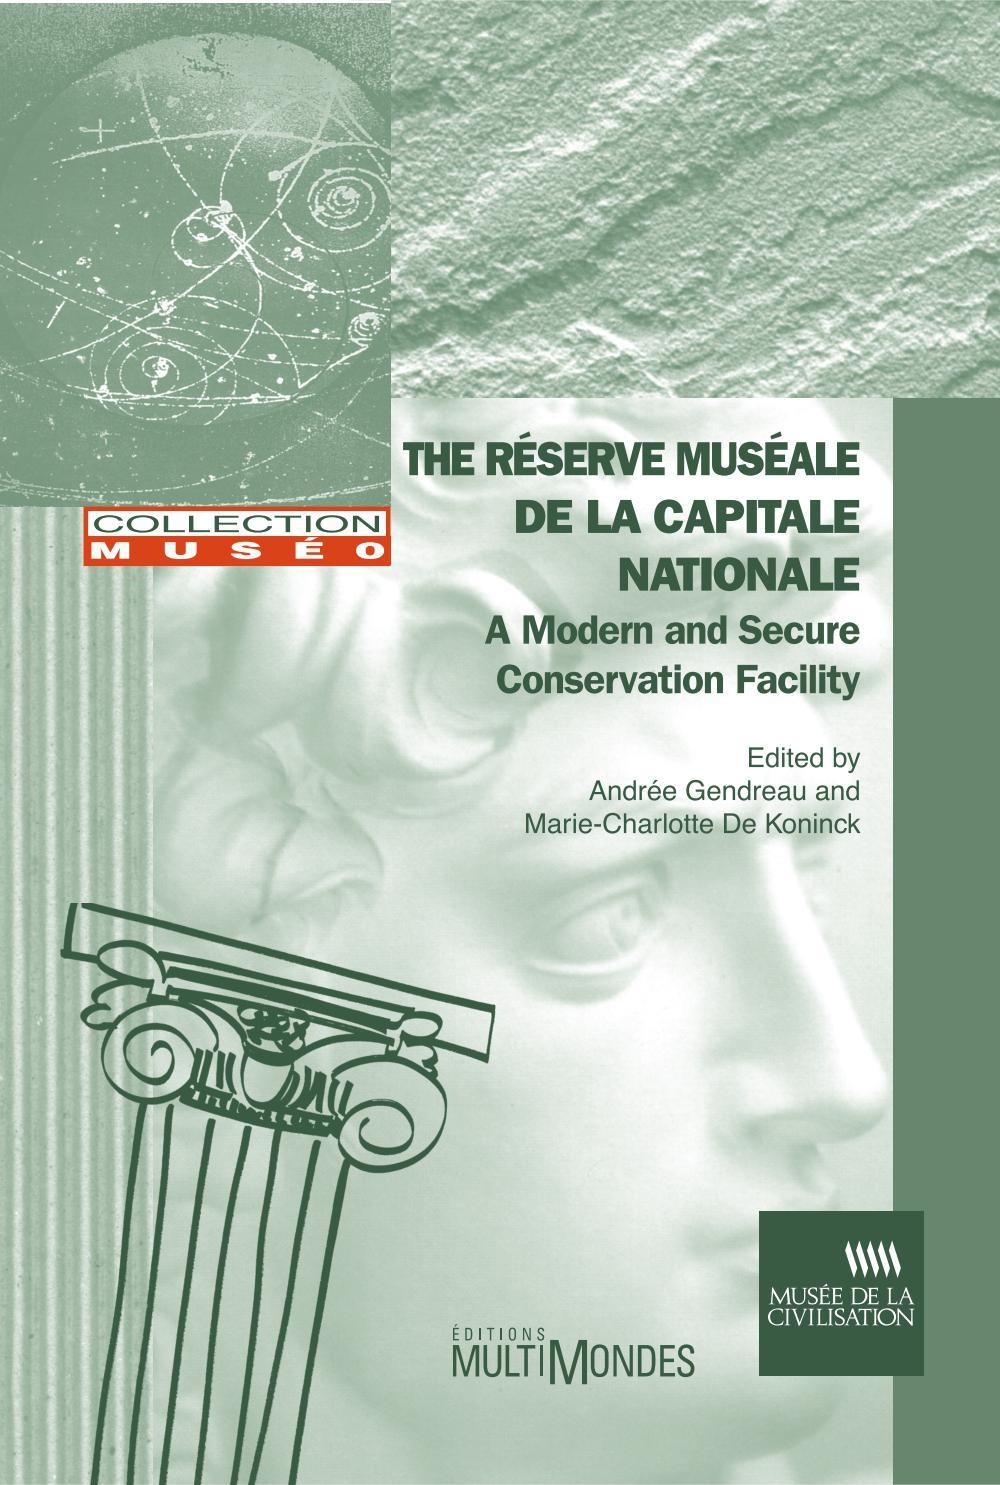 The réserve muséale de la Capitale nationale: a modern and secure conservation facility